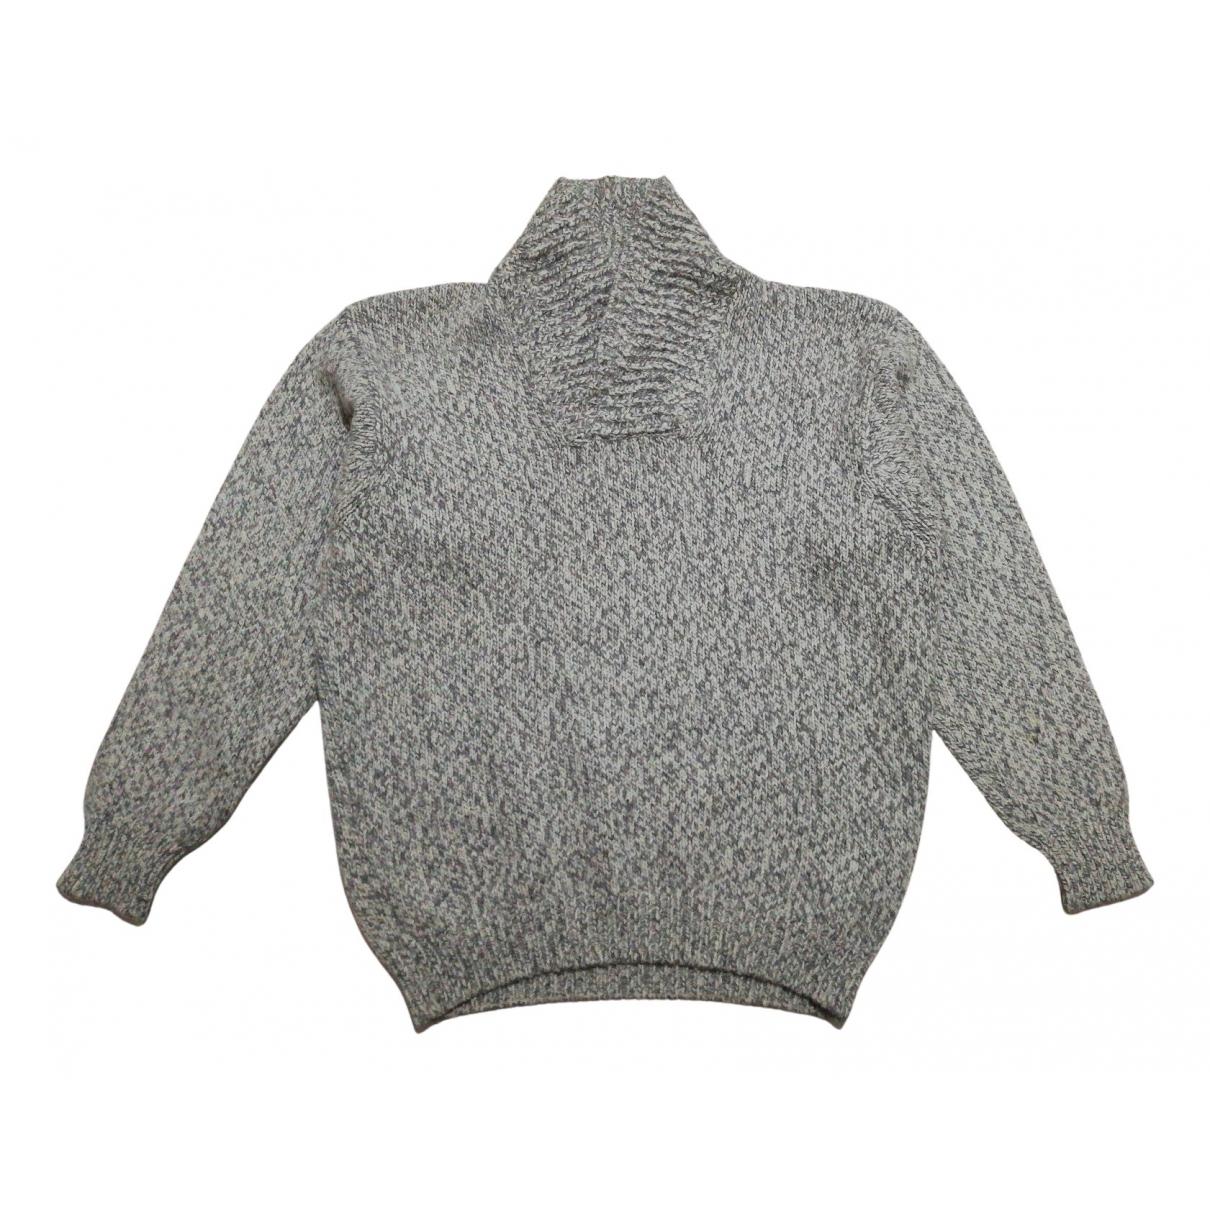 Fay N Grey Wool Knitwear & Sweatshirts for Men 52 IT